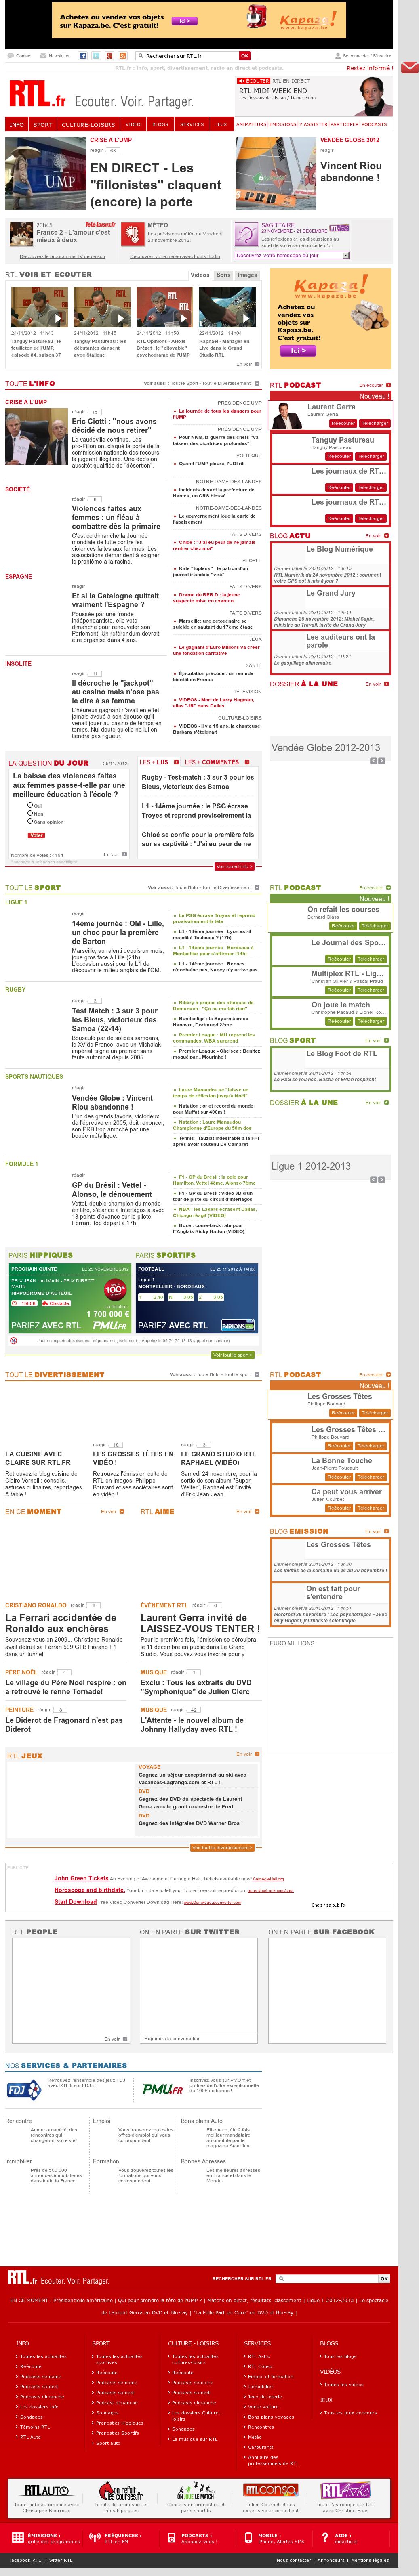 RTL at Sunday Nov. 25, 2012, 12:25 p.m. UTC